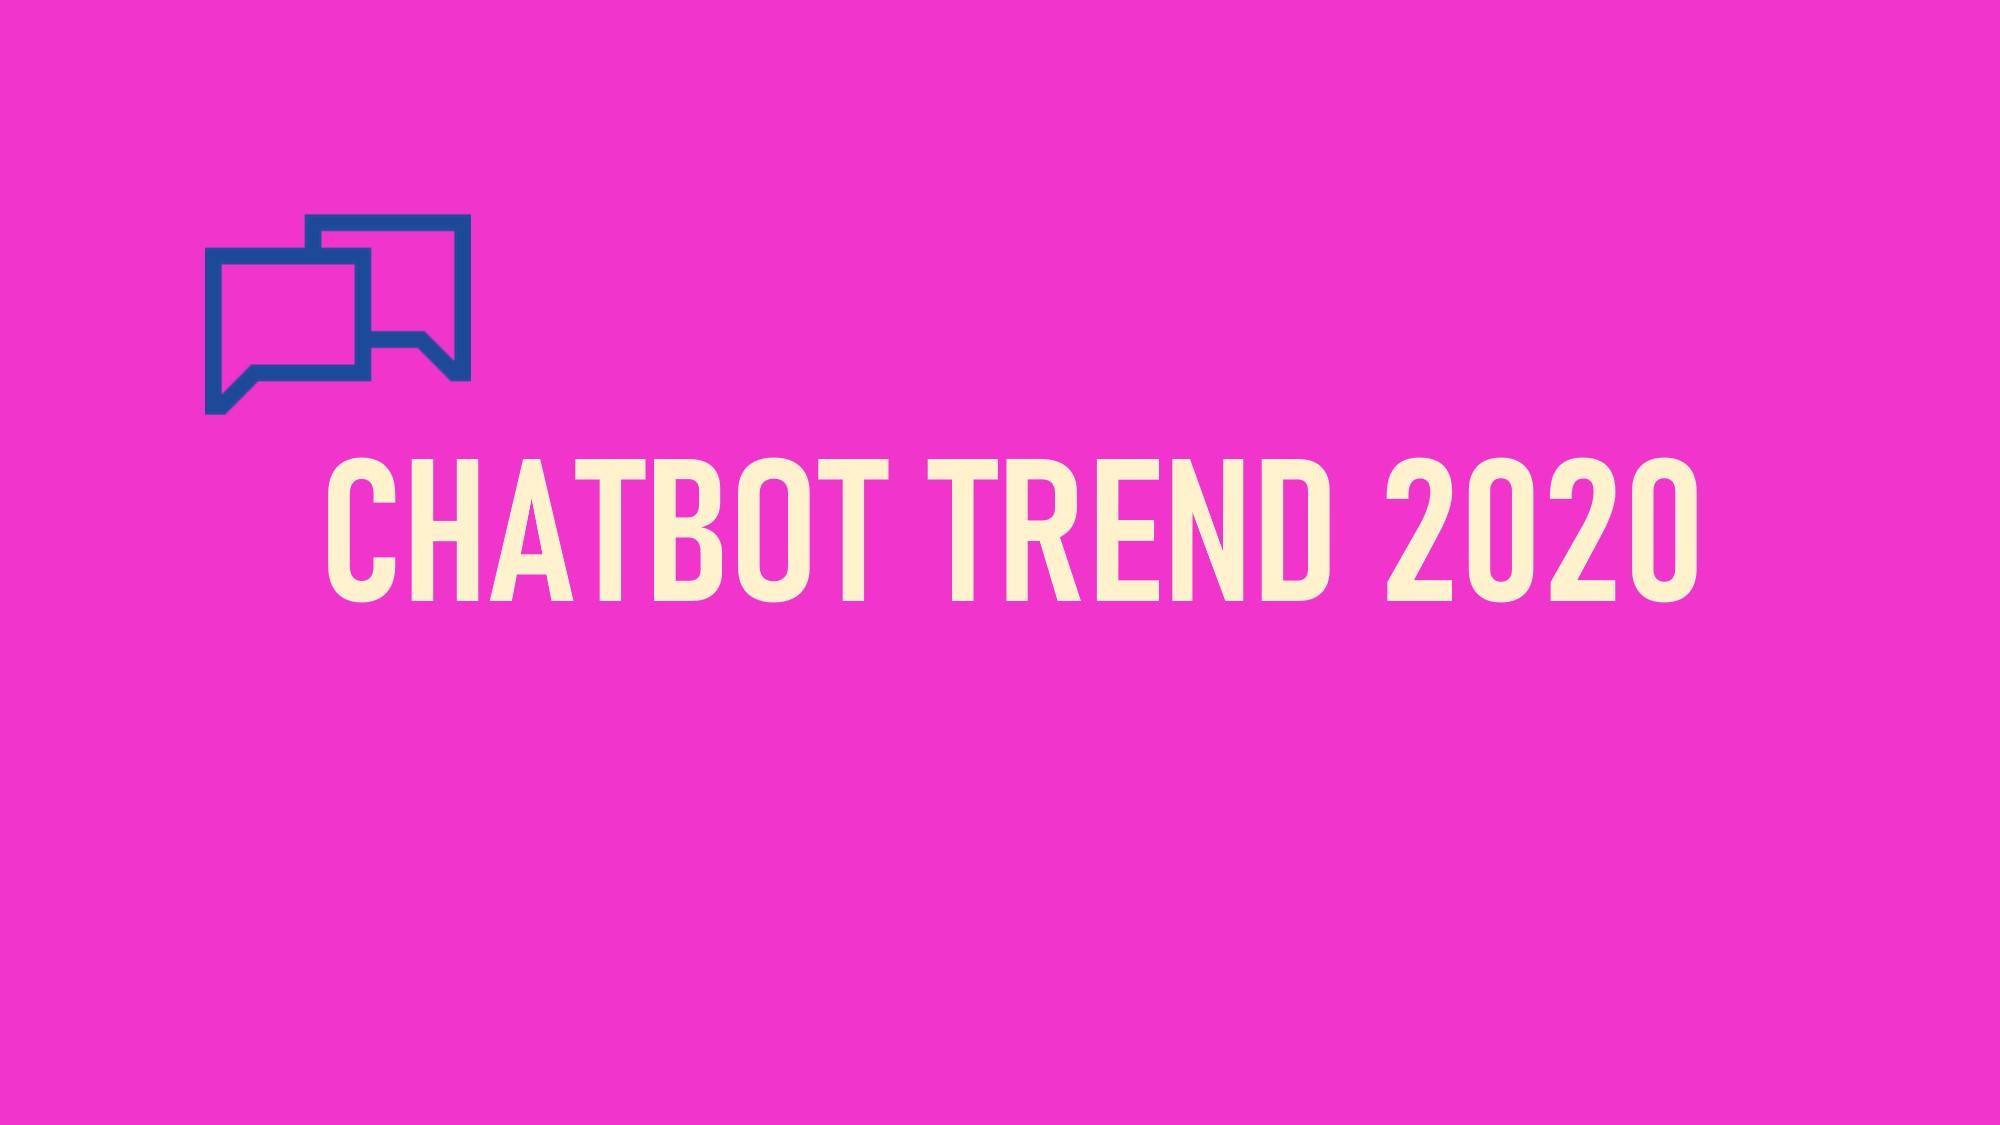 챗봇 트렌드 2020: 본격적인 사회적 이슈 등장 Chatbot Trend 2020: Coming 3 Typical Social Issue and Problem